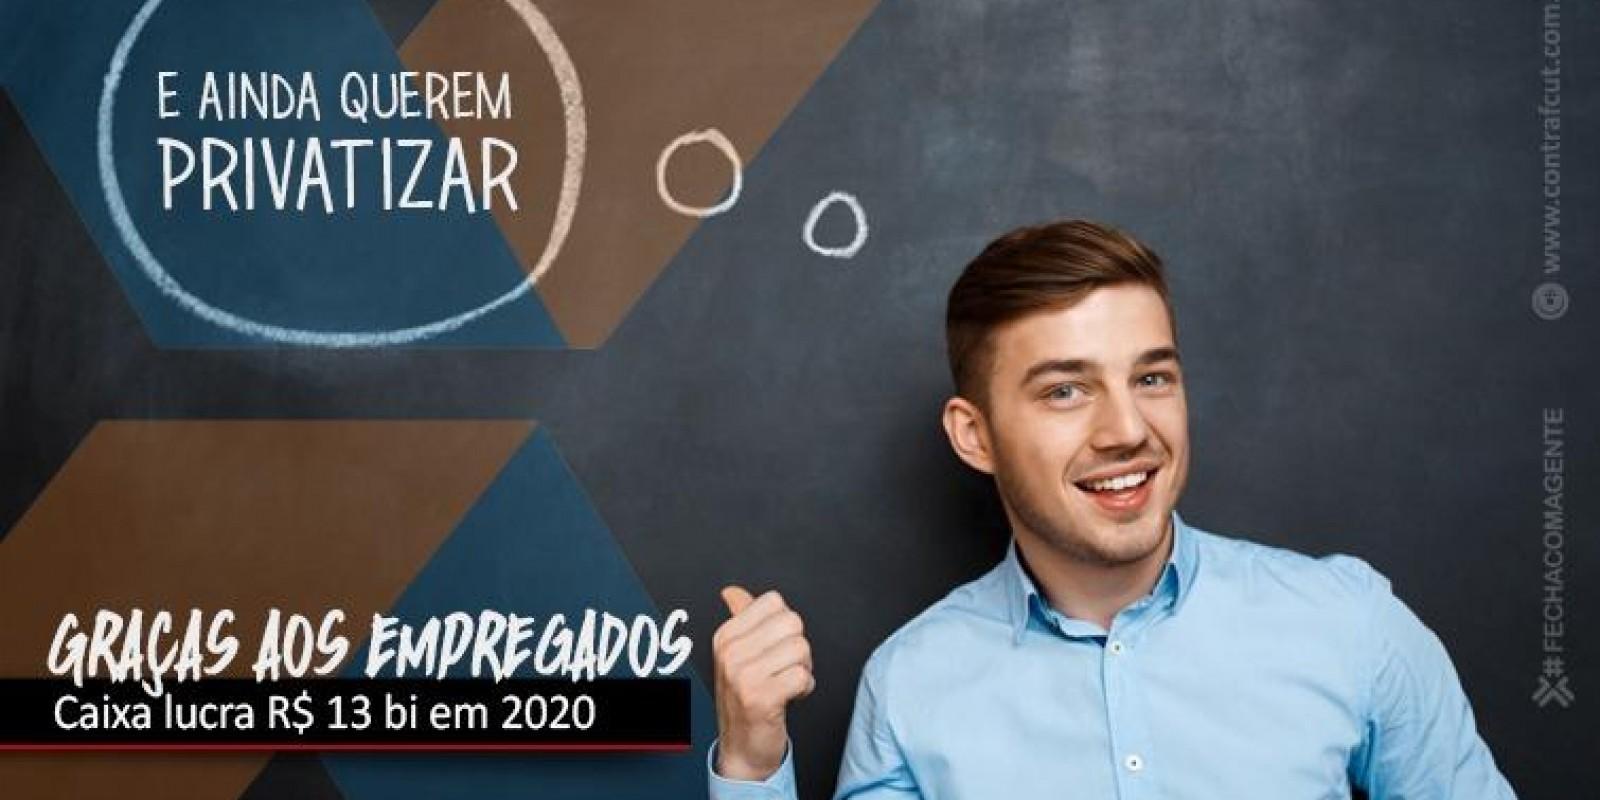 Caixa lucra R$ 13,2 bilhões em 2020